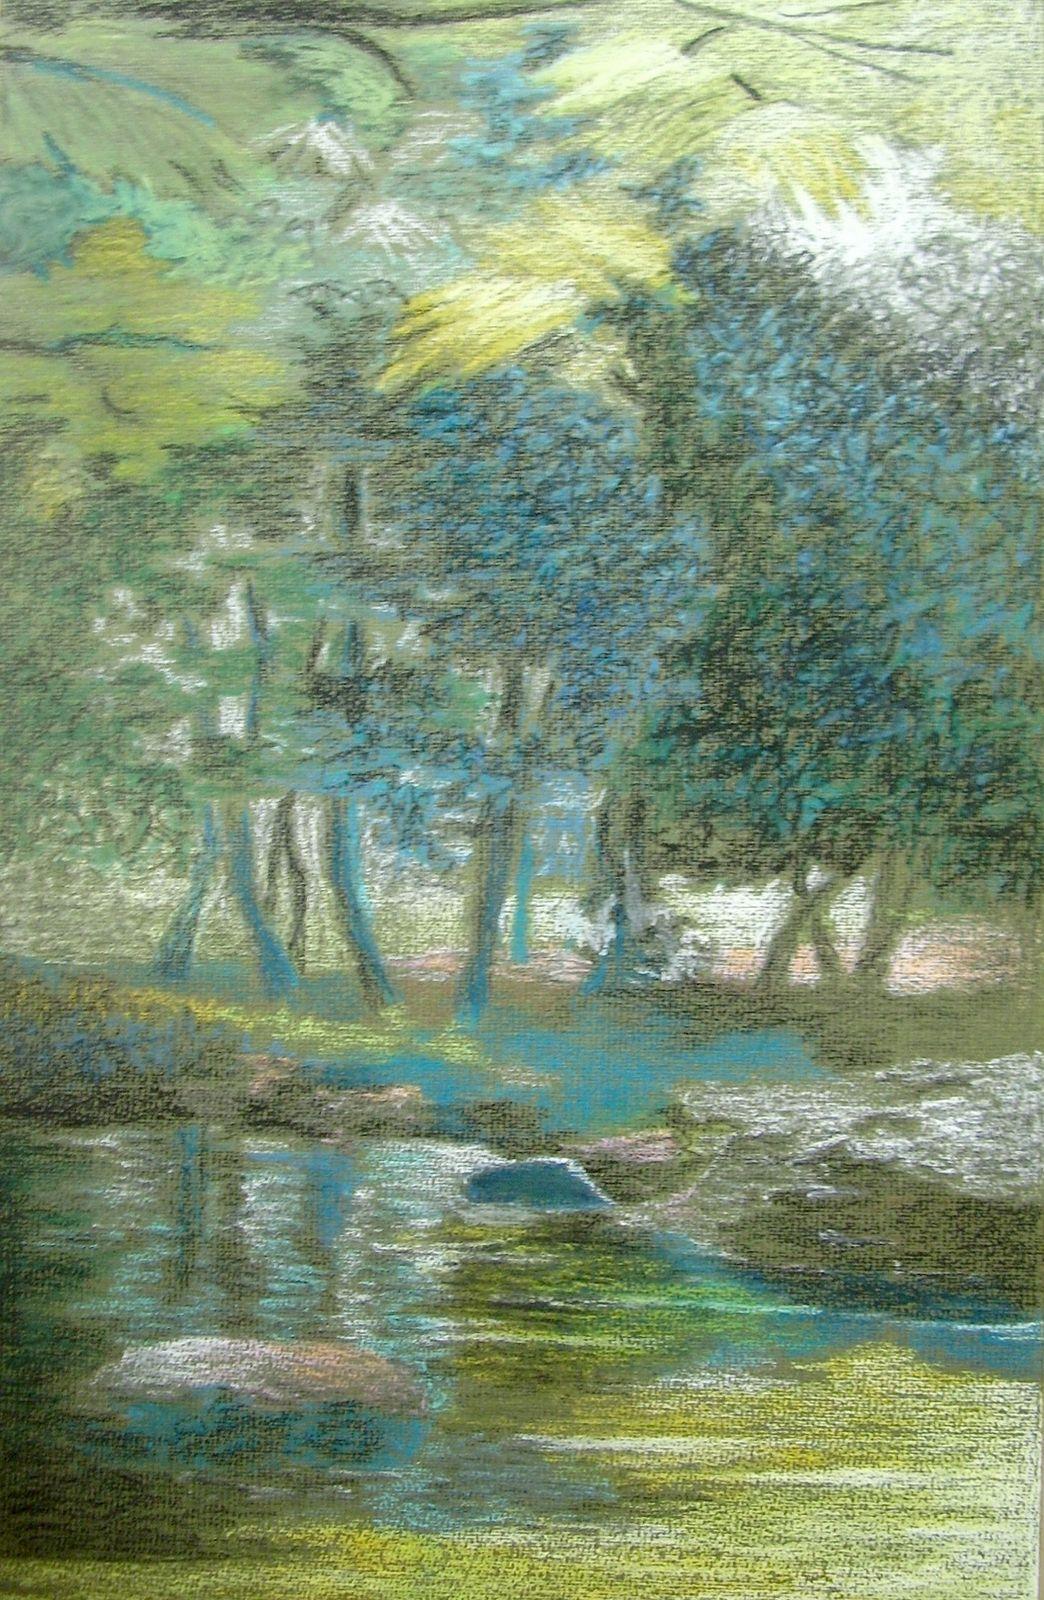 arte contempor u00e2nea  a natureza e o ser